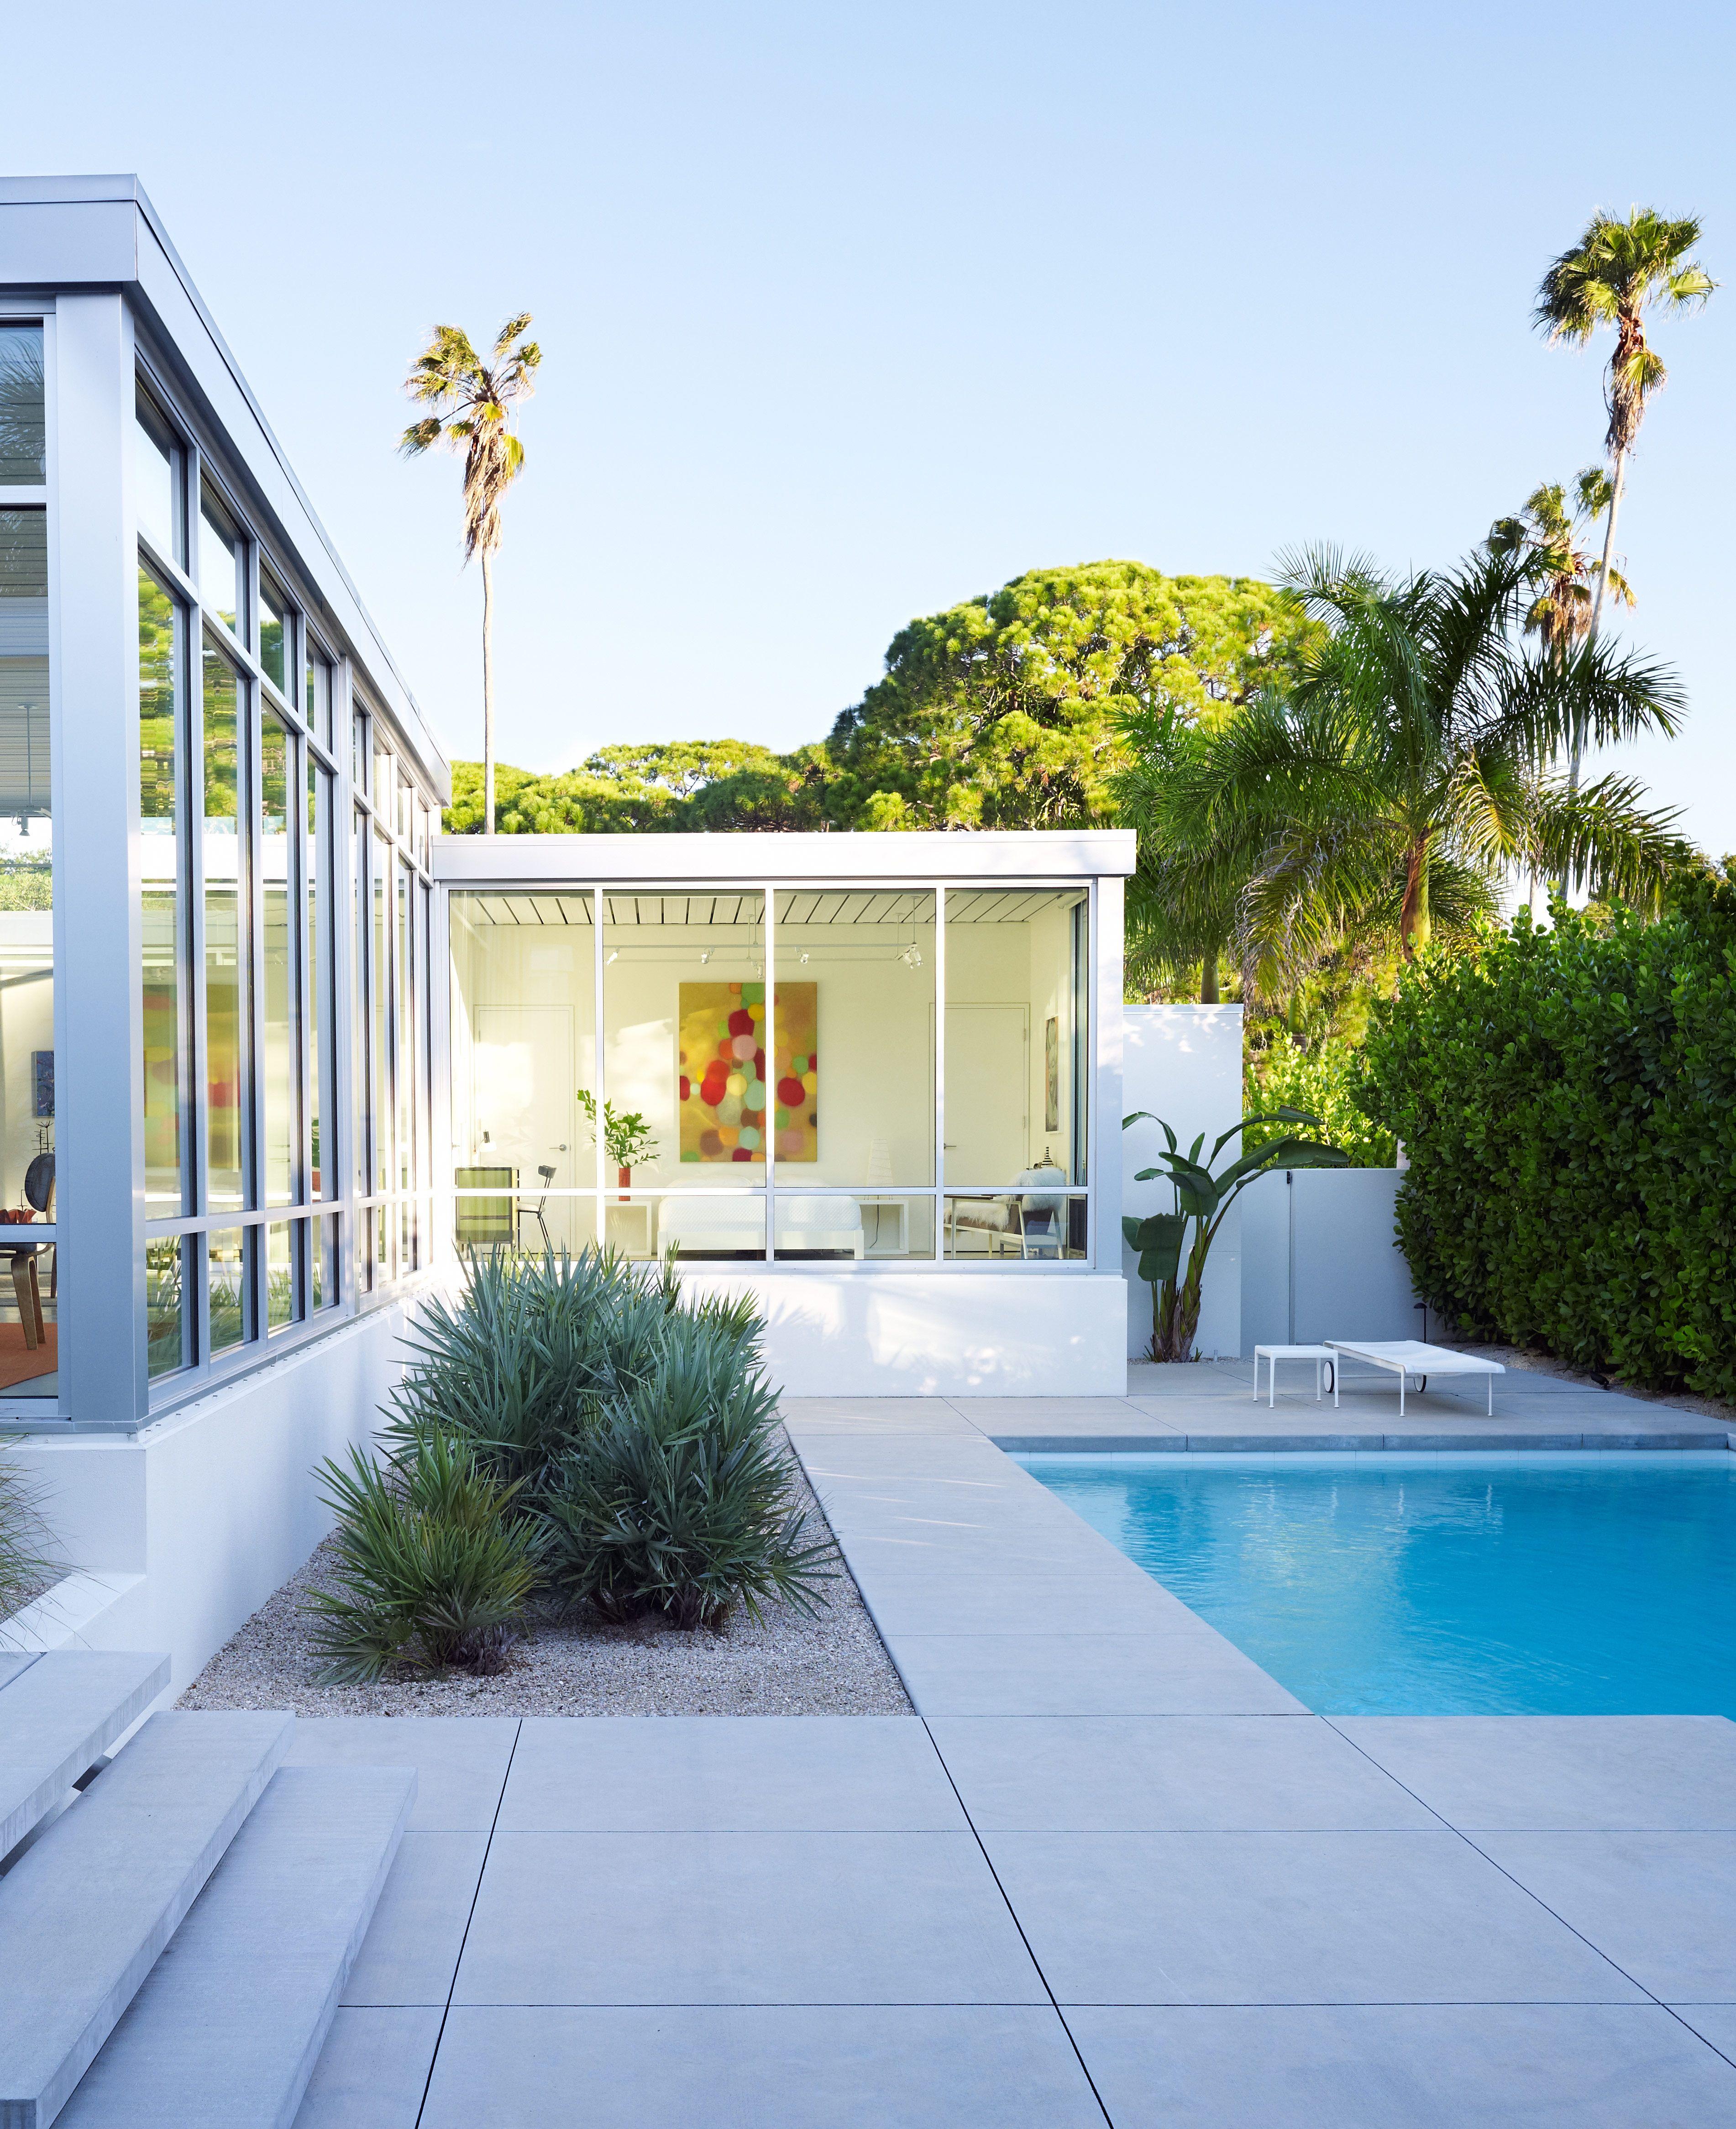 Garten erstaunliche architektur schule der architektur sarasota florida moderne häuser exterieur design schwimmbäder ein neues zuhause la quinta